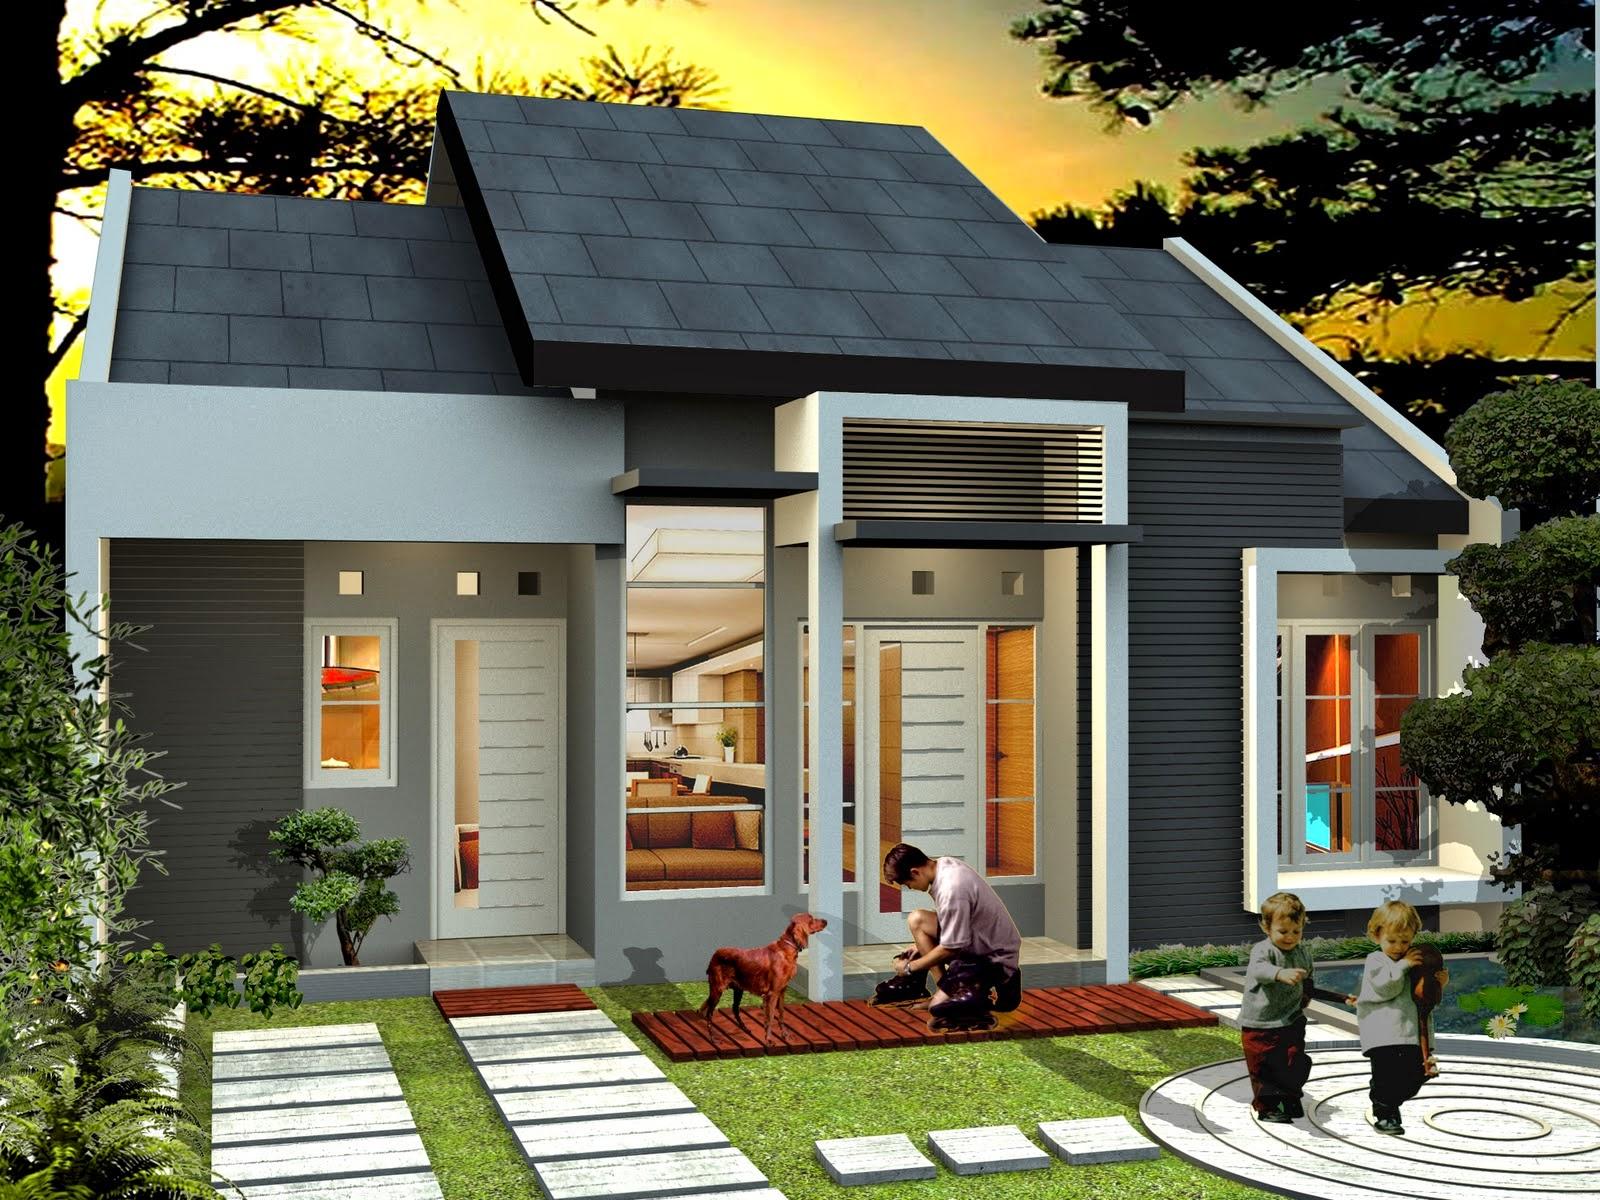 61 Desain Rumah Minimalis Korea